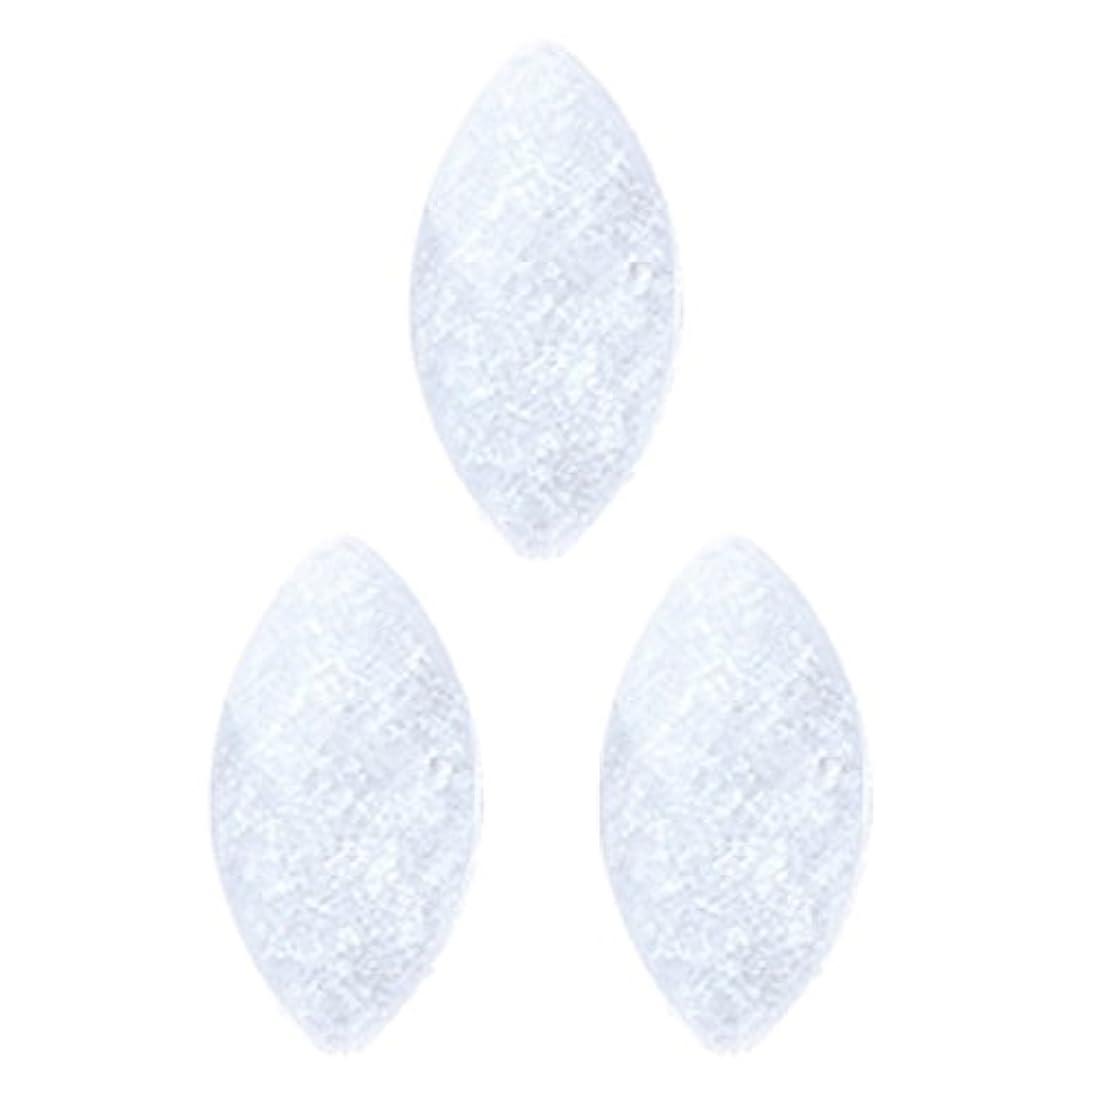 先祖機会動詞<エトゥベラ>シャイニーストーン リーフ4×8mm(各30個) ホワイト